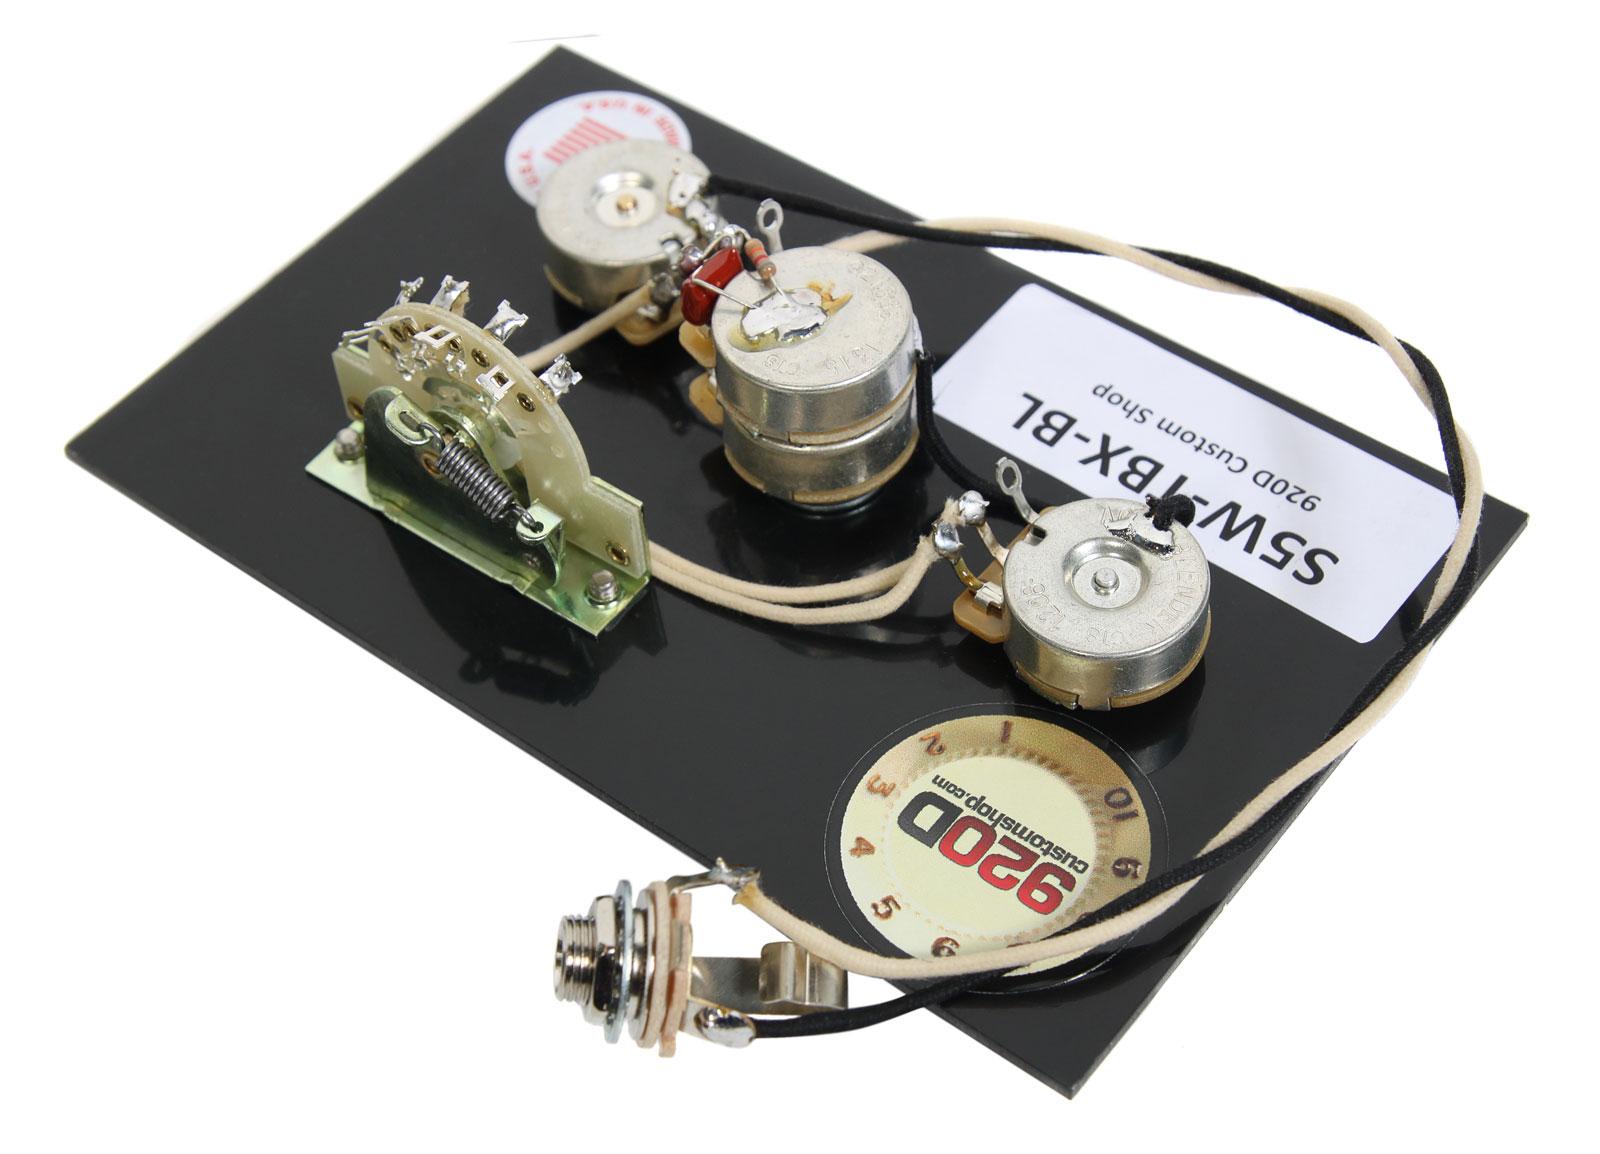 920d custom strat stratocaster wiring harness tbx and blender pot 601629464046 ebay. Black Bedroom Furniture Sets. Home Design Ideas